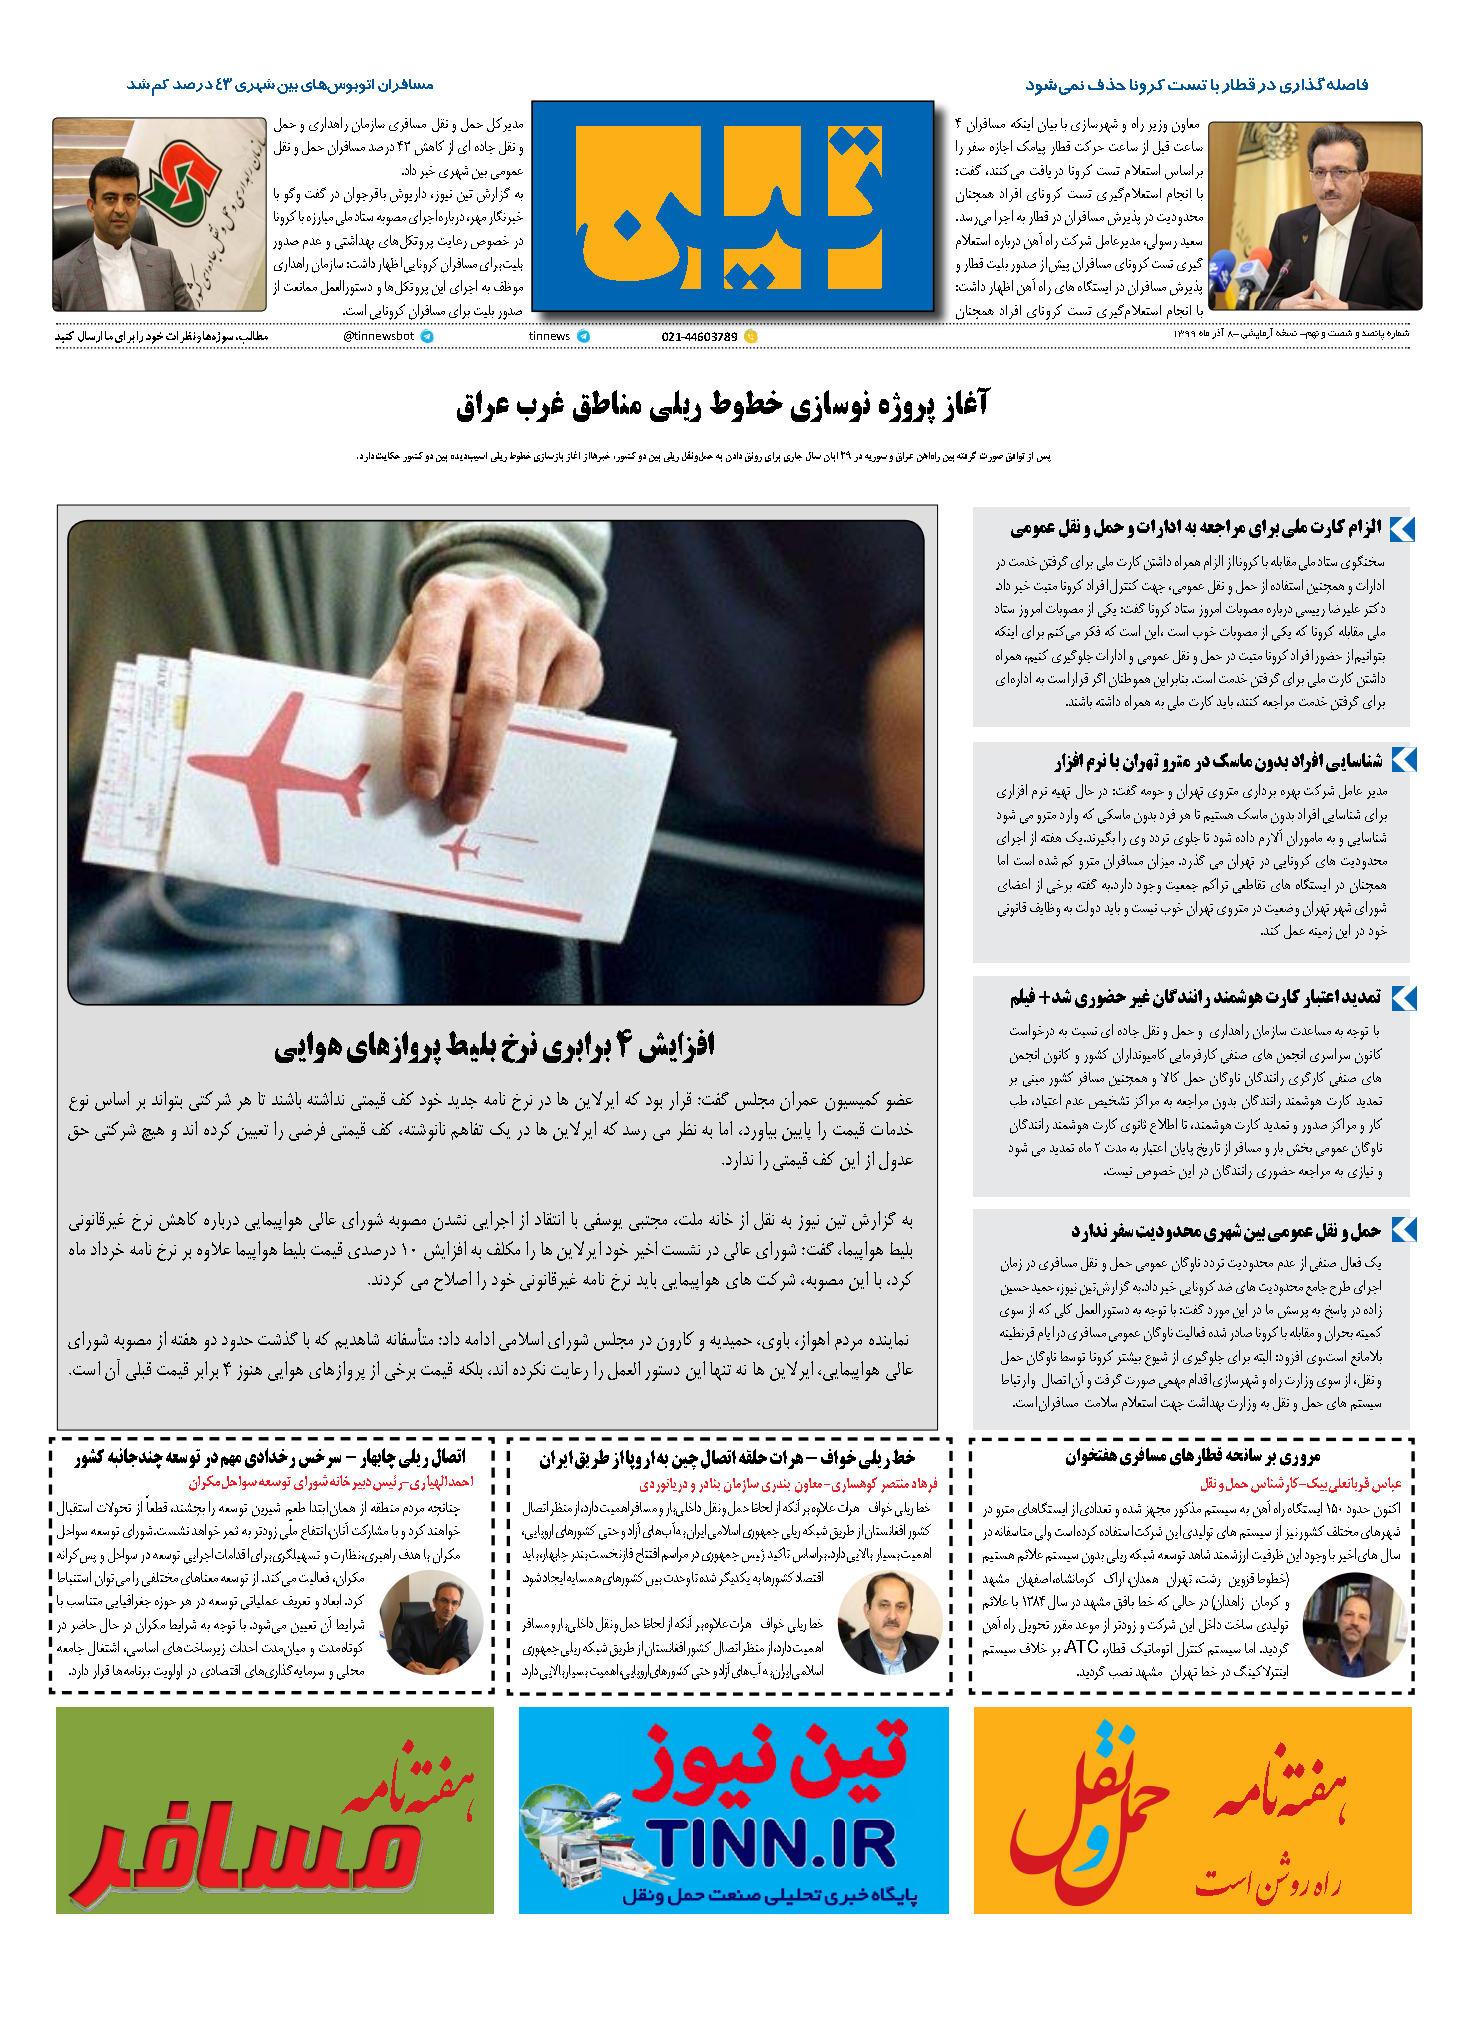 روزنامه الکترونیک 8 آذر ماه 99